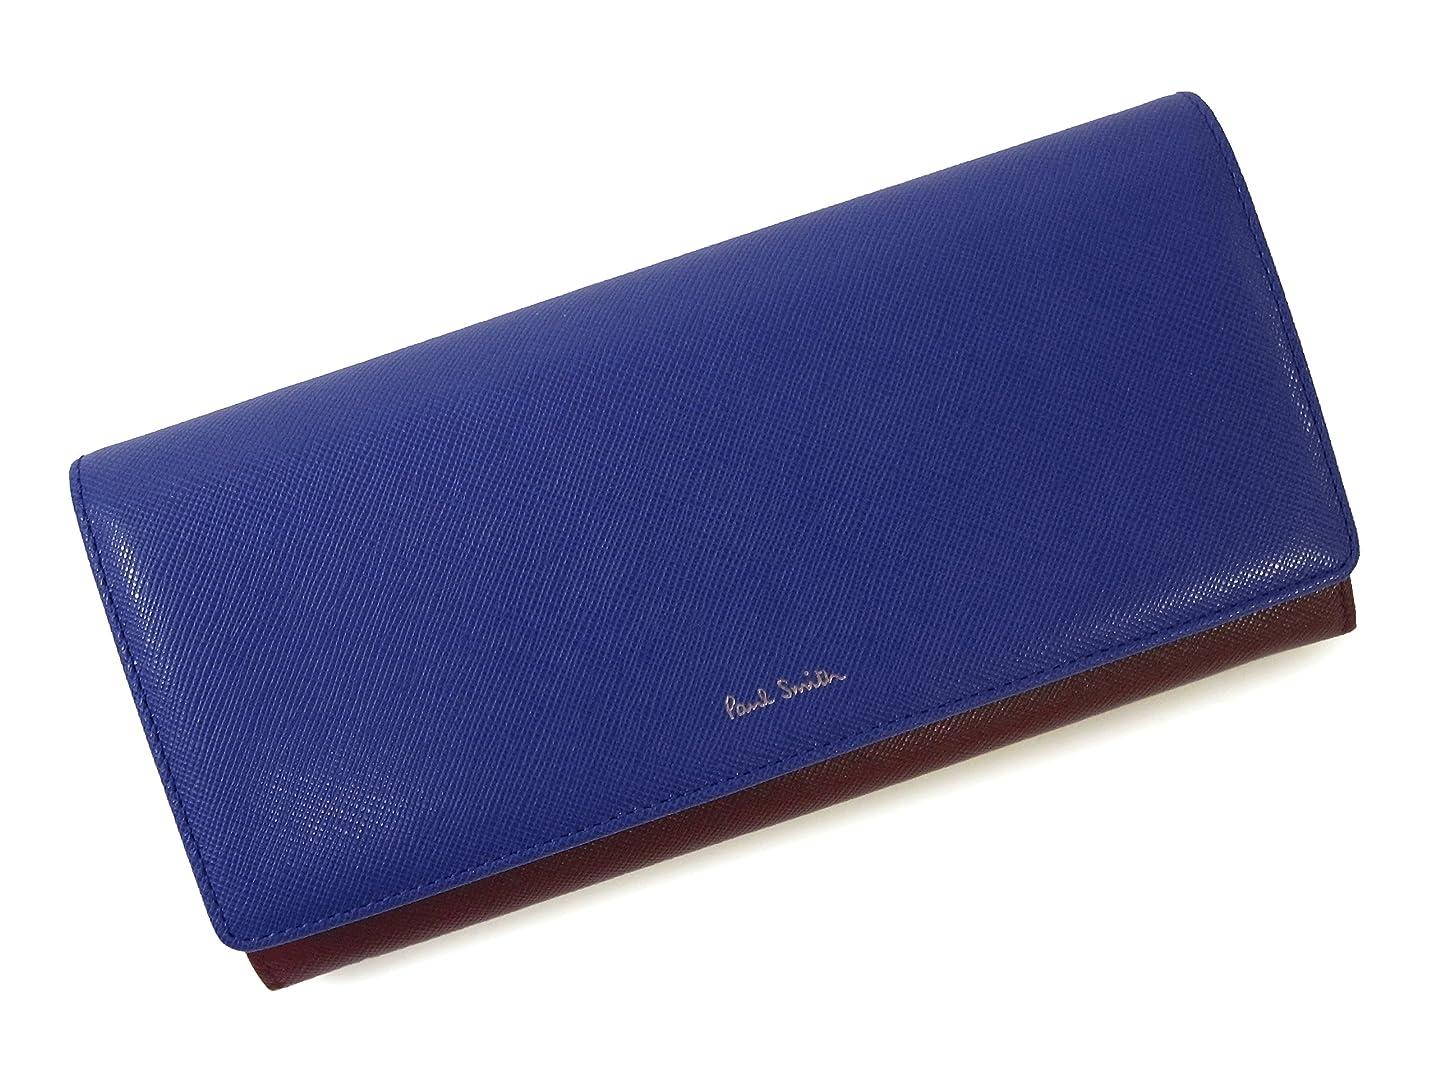 旋回囲まれた一般的に言えば[ポールスミス] 長財布 トリフォールド レディース (ブルー) PA-1146 [並行輸入品]